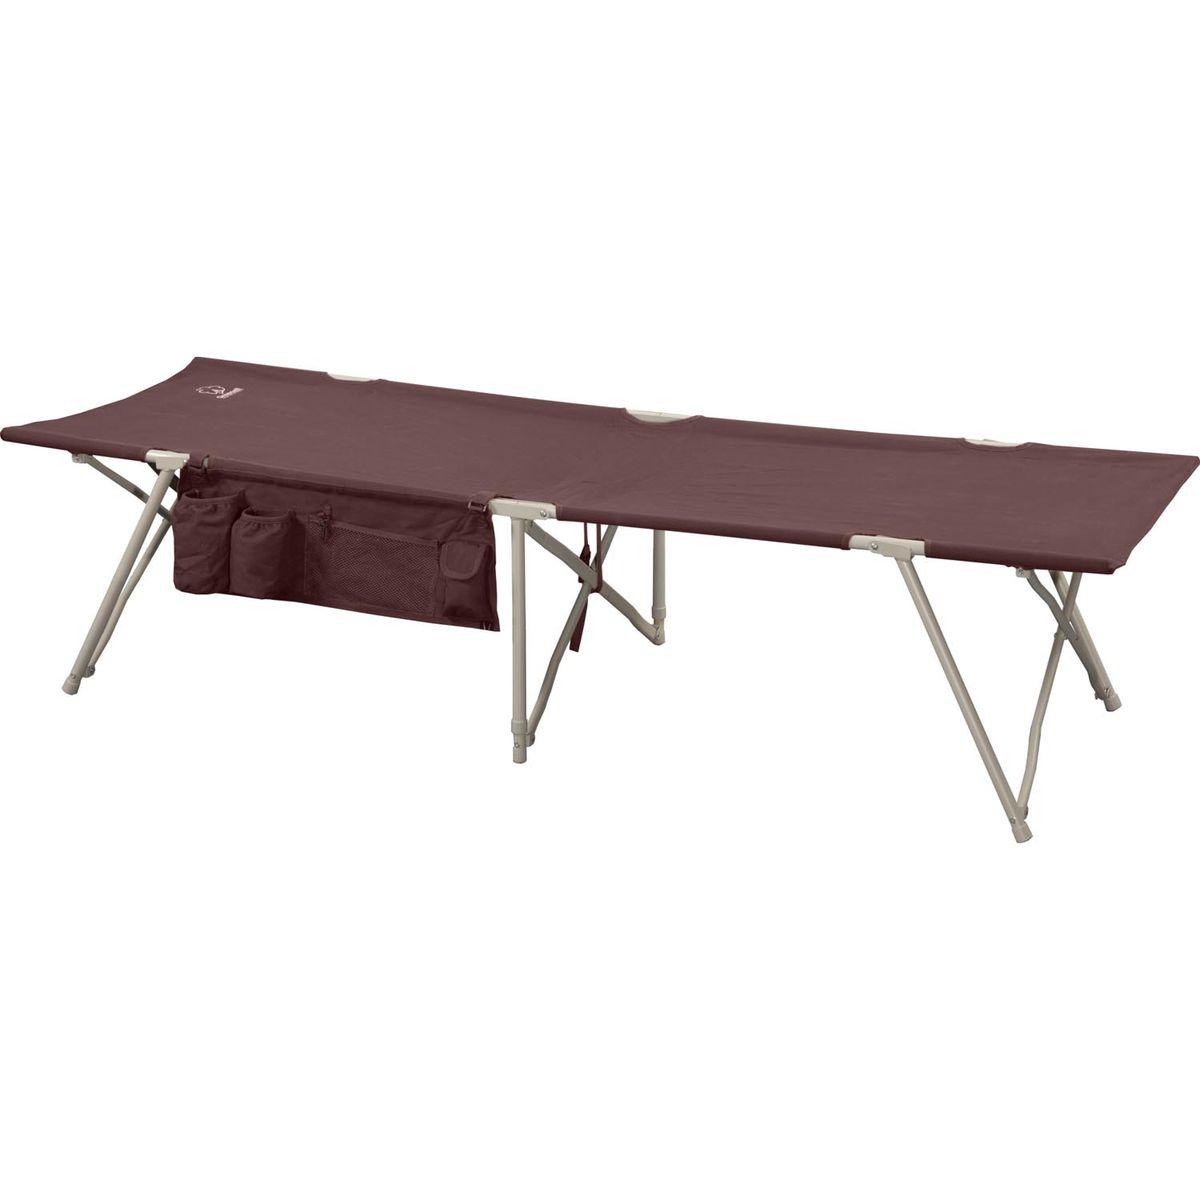 Кровать складная Greenell BD-3, цвет: коричневый, 190 см х 64 см х 43 смWS 7064Удобная и компактная кровать для кемпинга Greenell BD-3 отличается совершенным механизмом, простотой сборки-разборки и малыми габаритами в сложенном виде. Кровать выполнена из прочного полиэстера. Каркас - сталь диаметром 16 мм.В комплект входит чехол для хранения и переноски.